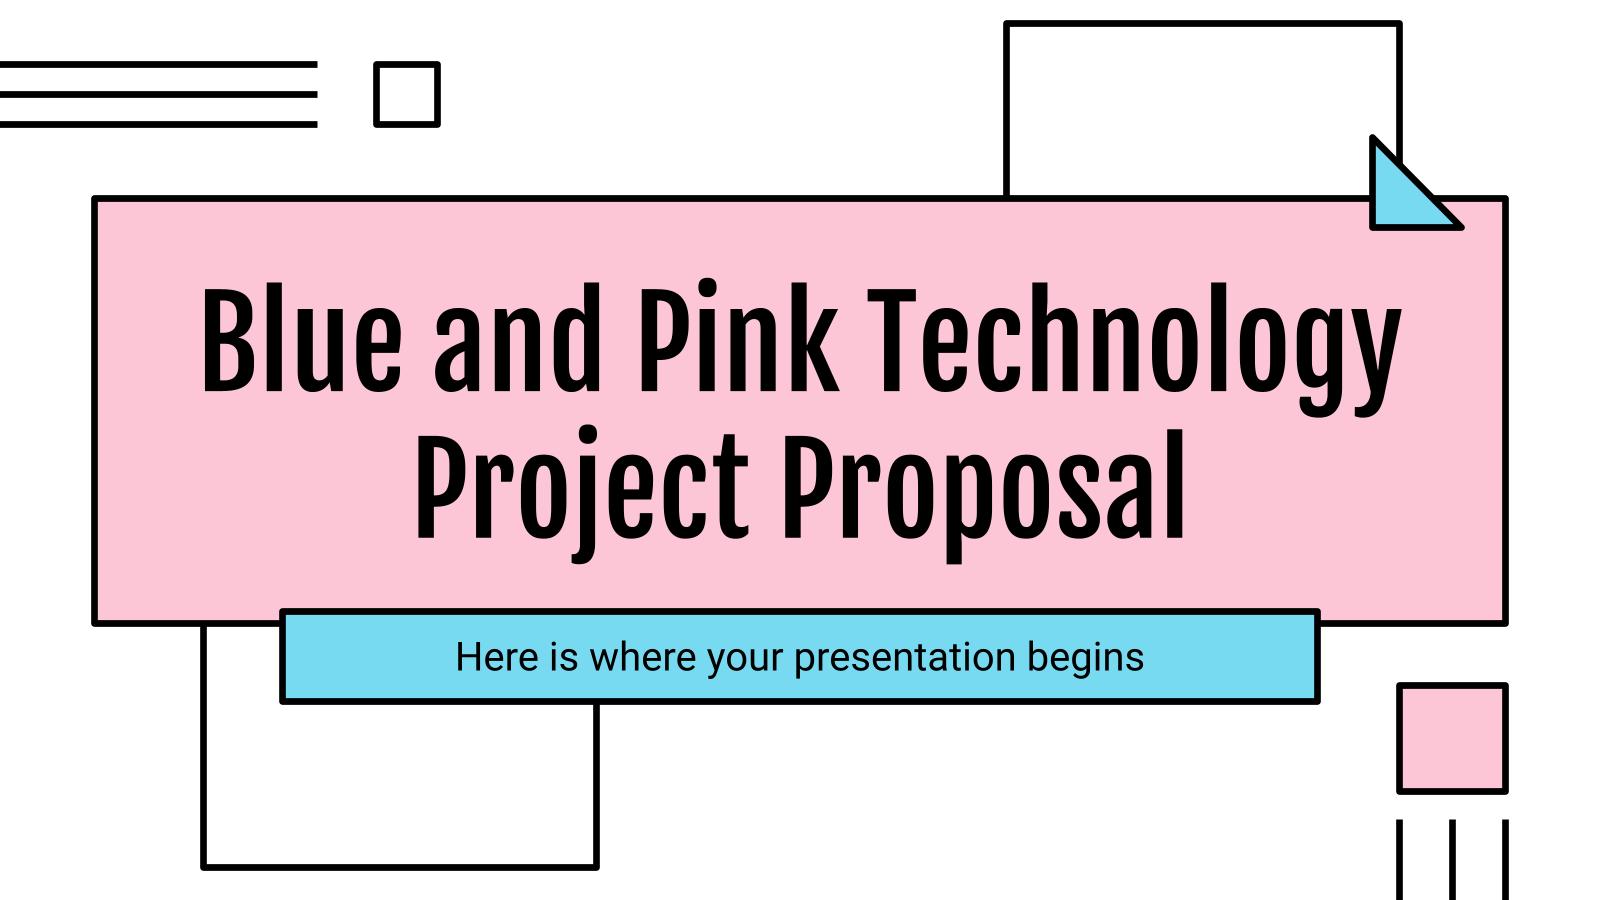 Proposition de projet technologique bleu et rose : Modèles de présentation